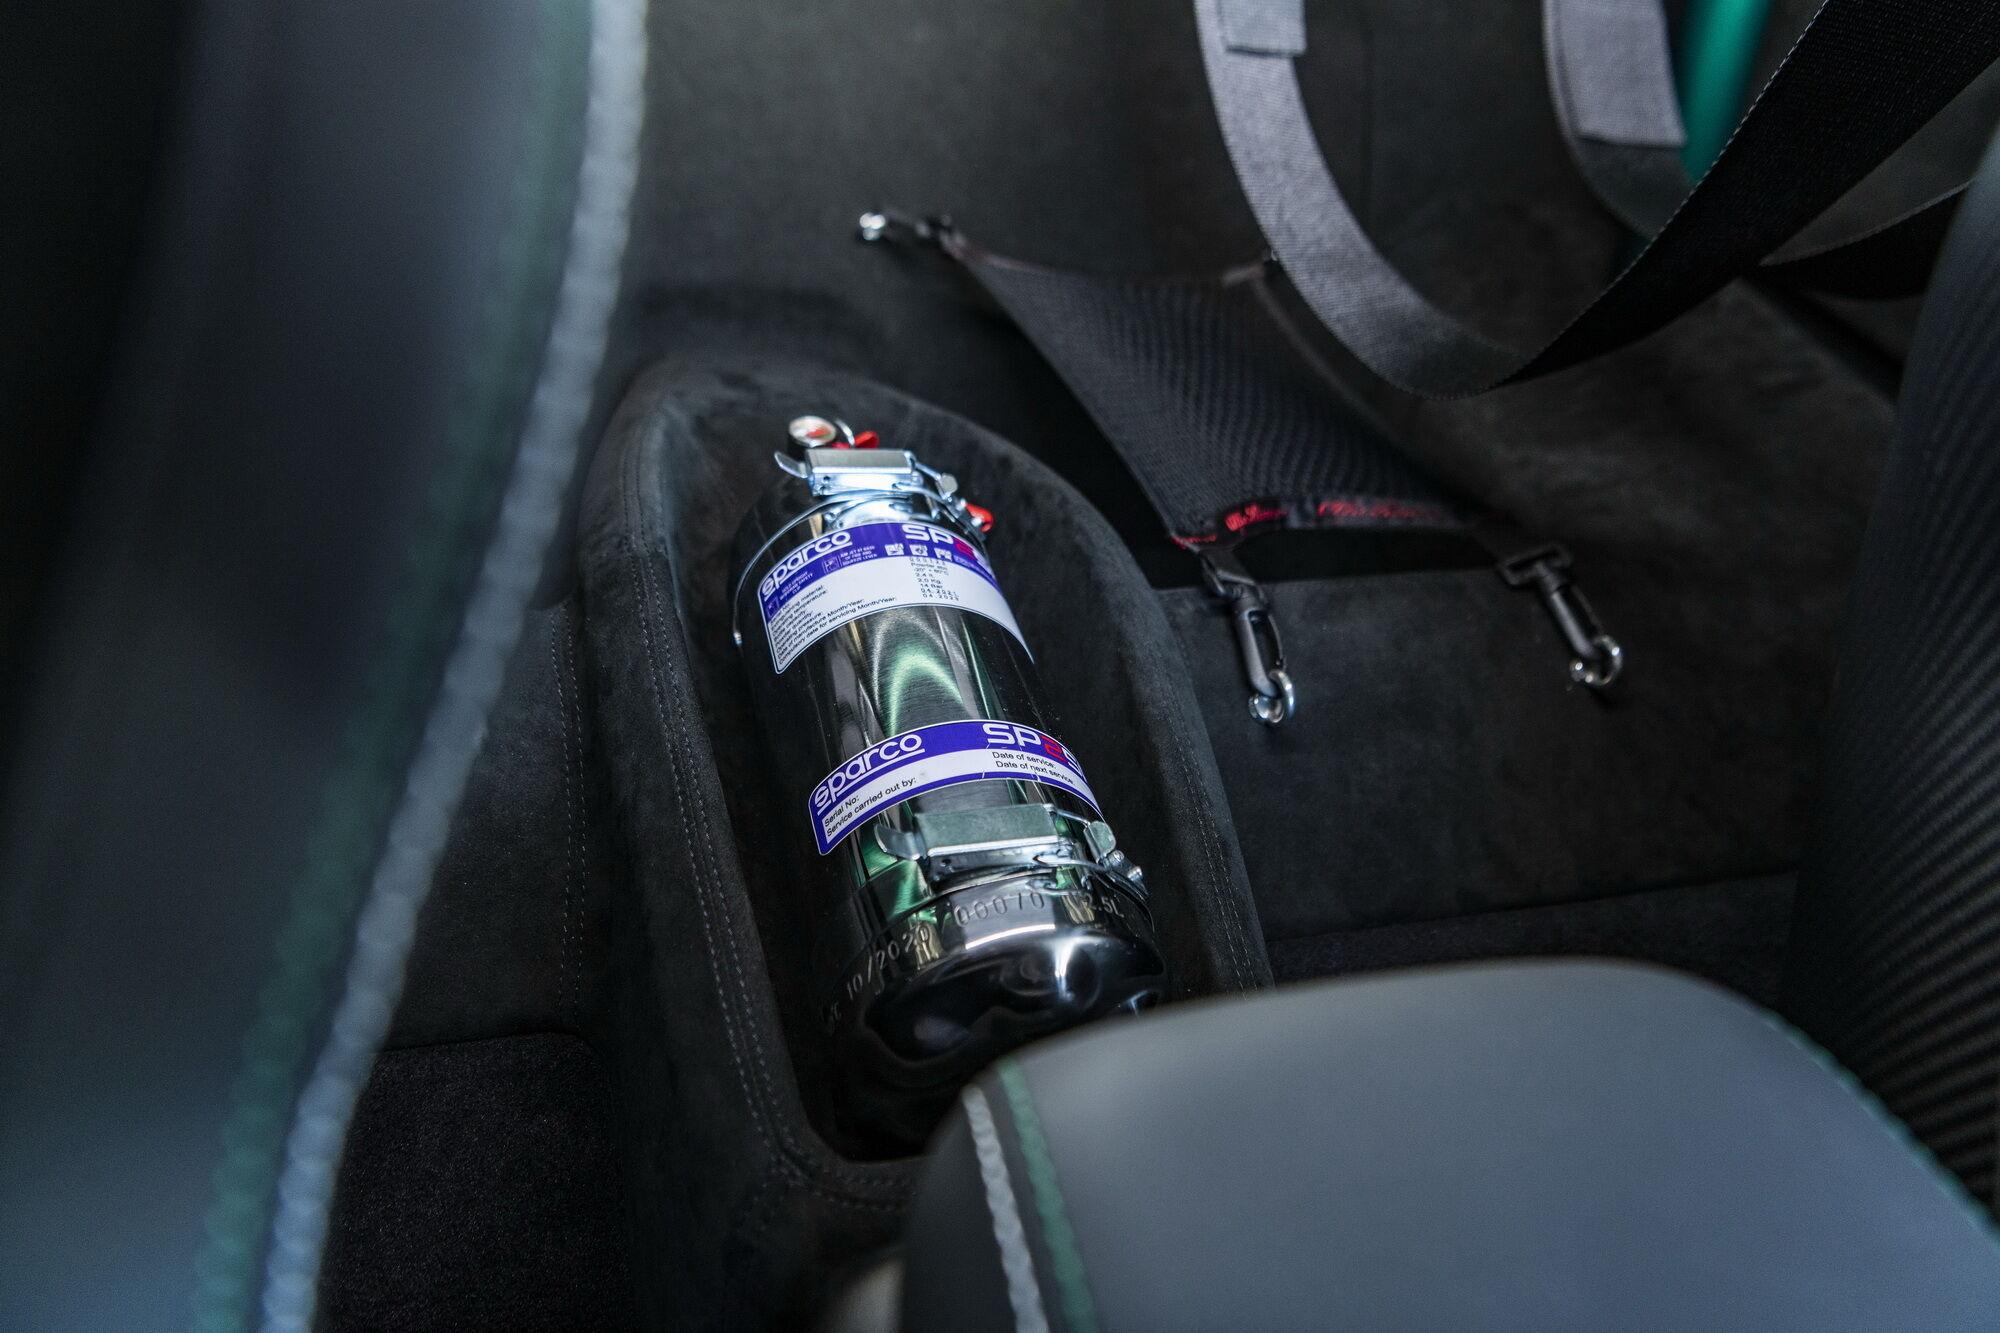 нет заднего ряда сидений, вместо которых установили каркас безопасности и отделение для пары шлемов